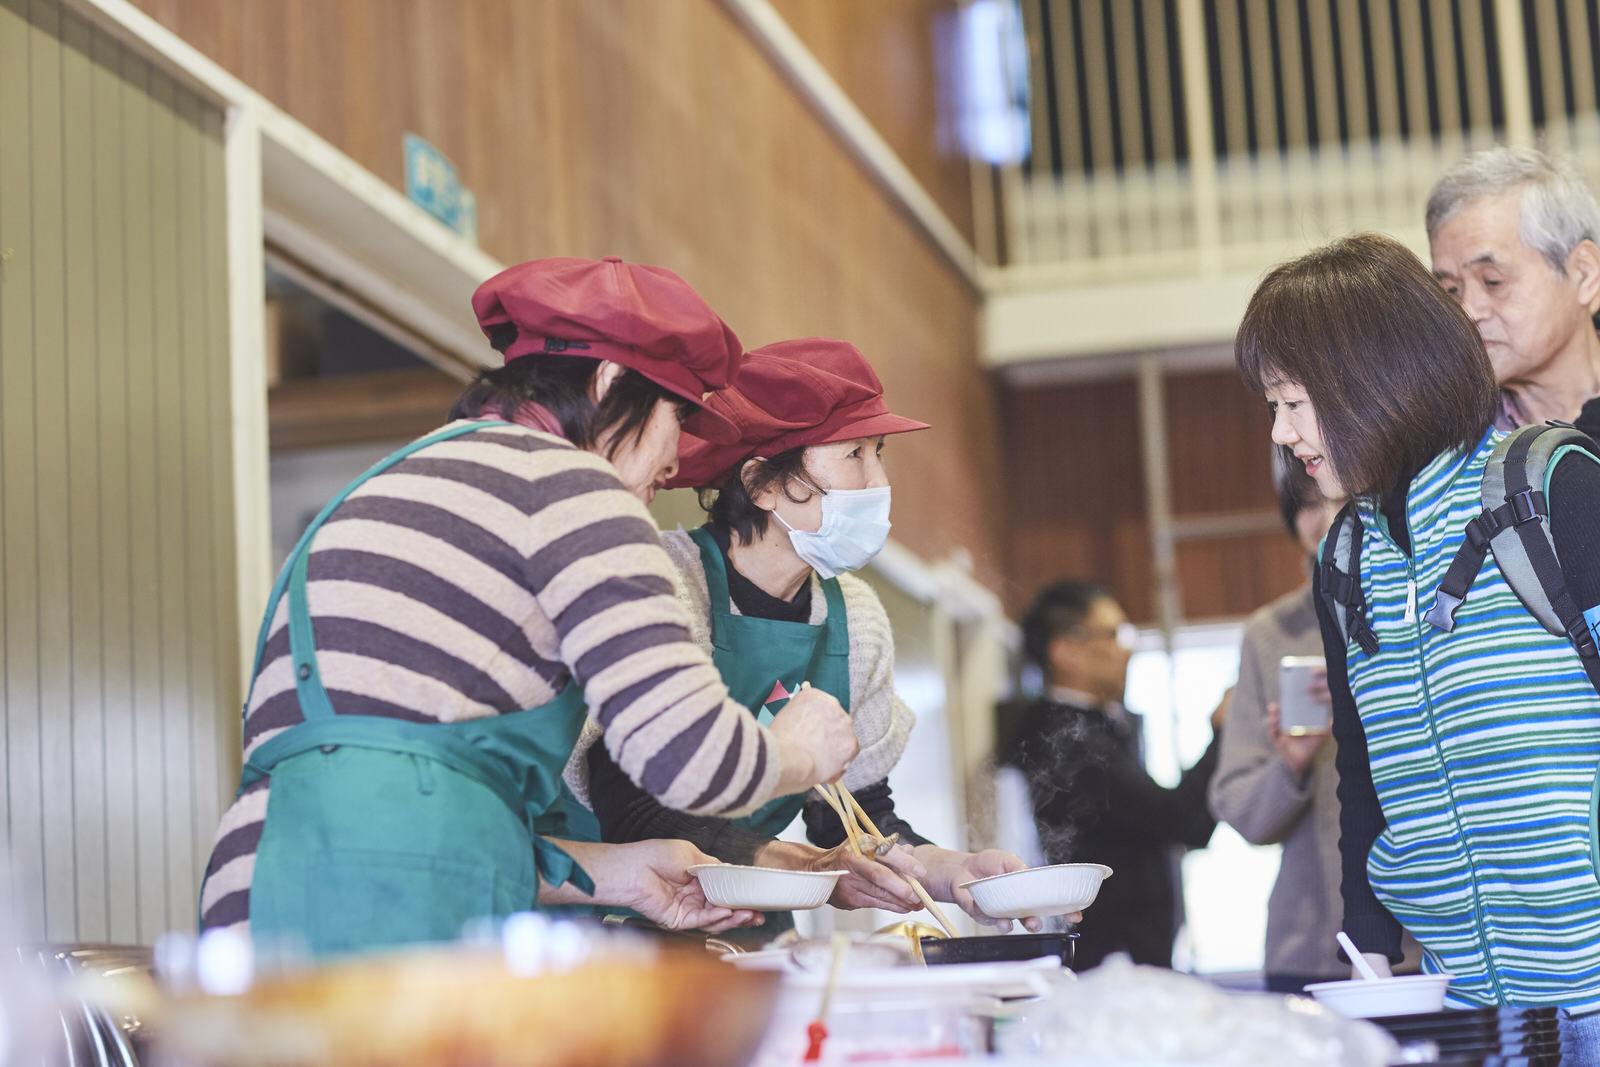 2017年2月に開催された大崎ウインターピクニックの様子